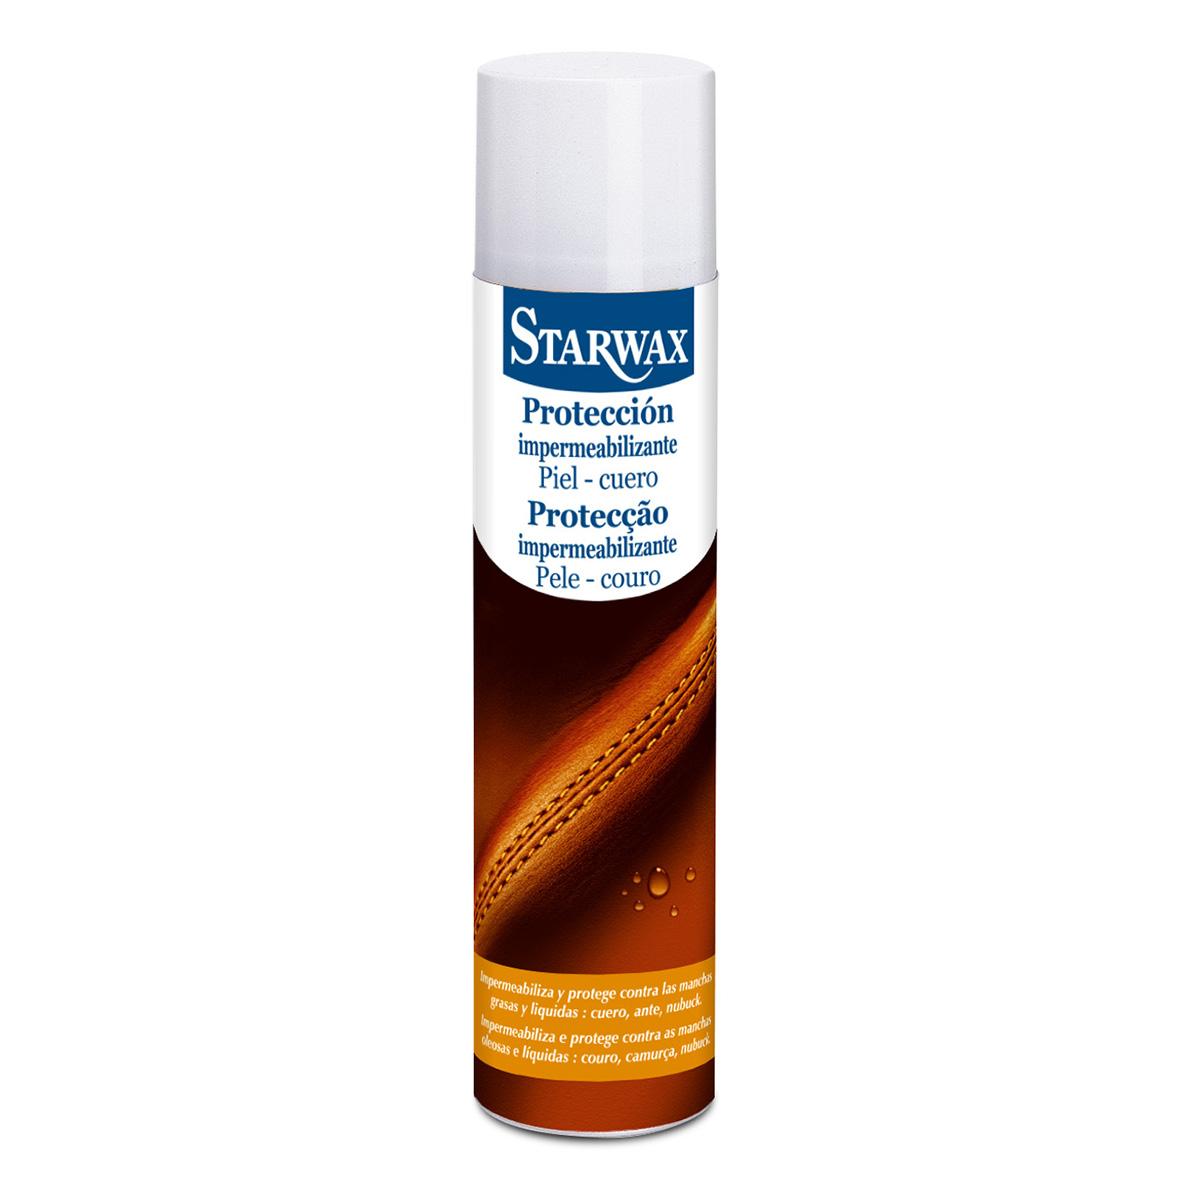 Protección impermeabilizante piel cuero - Starwax